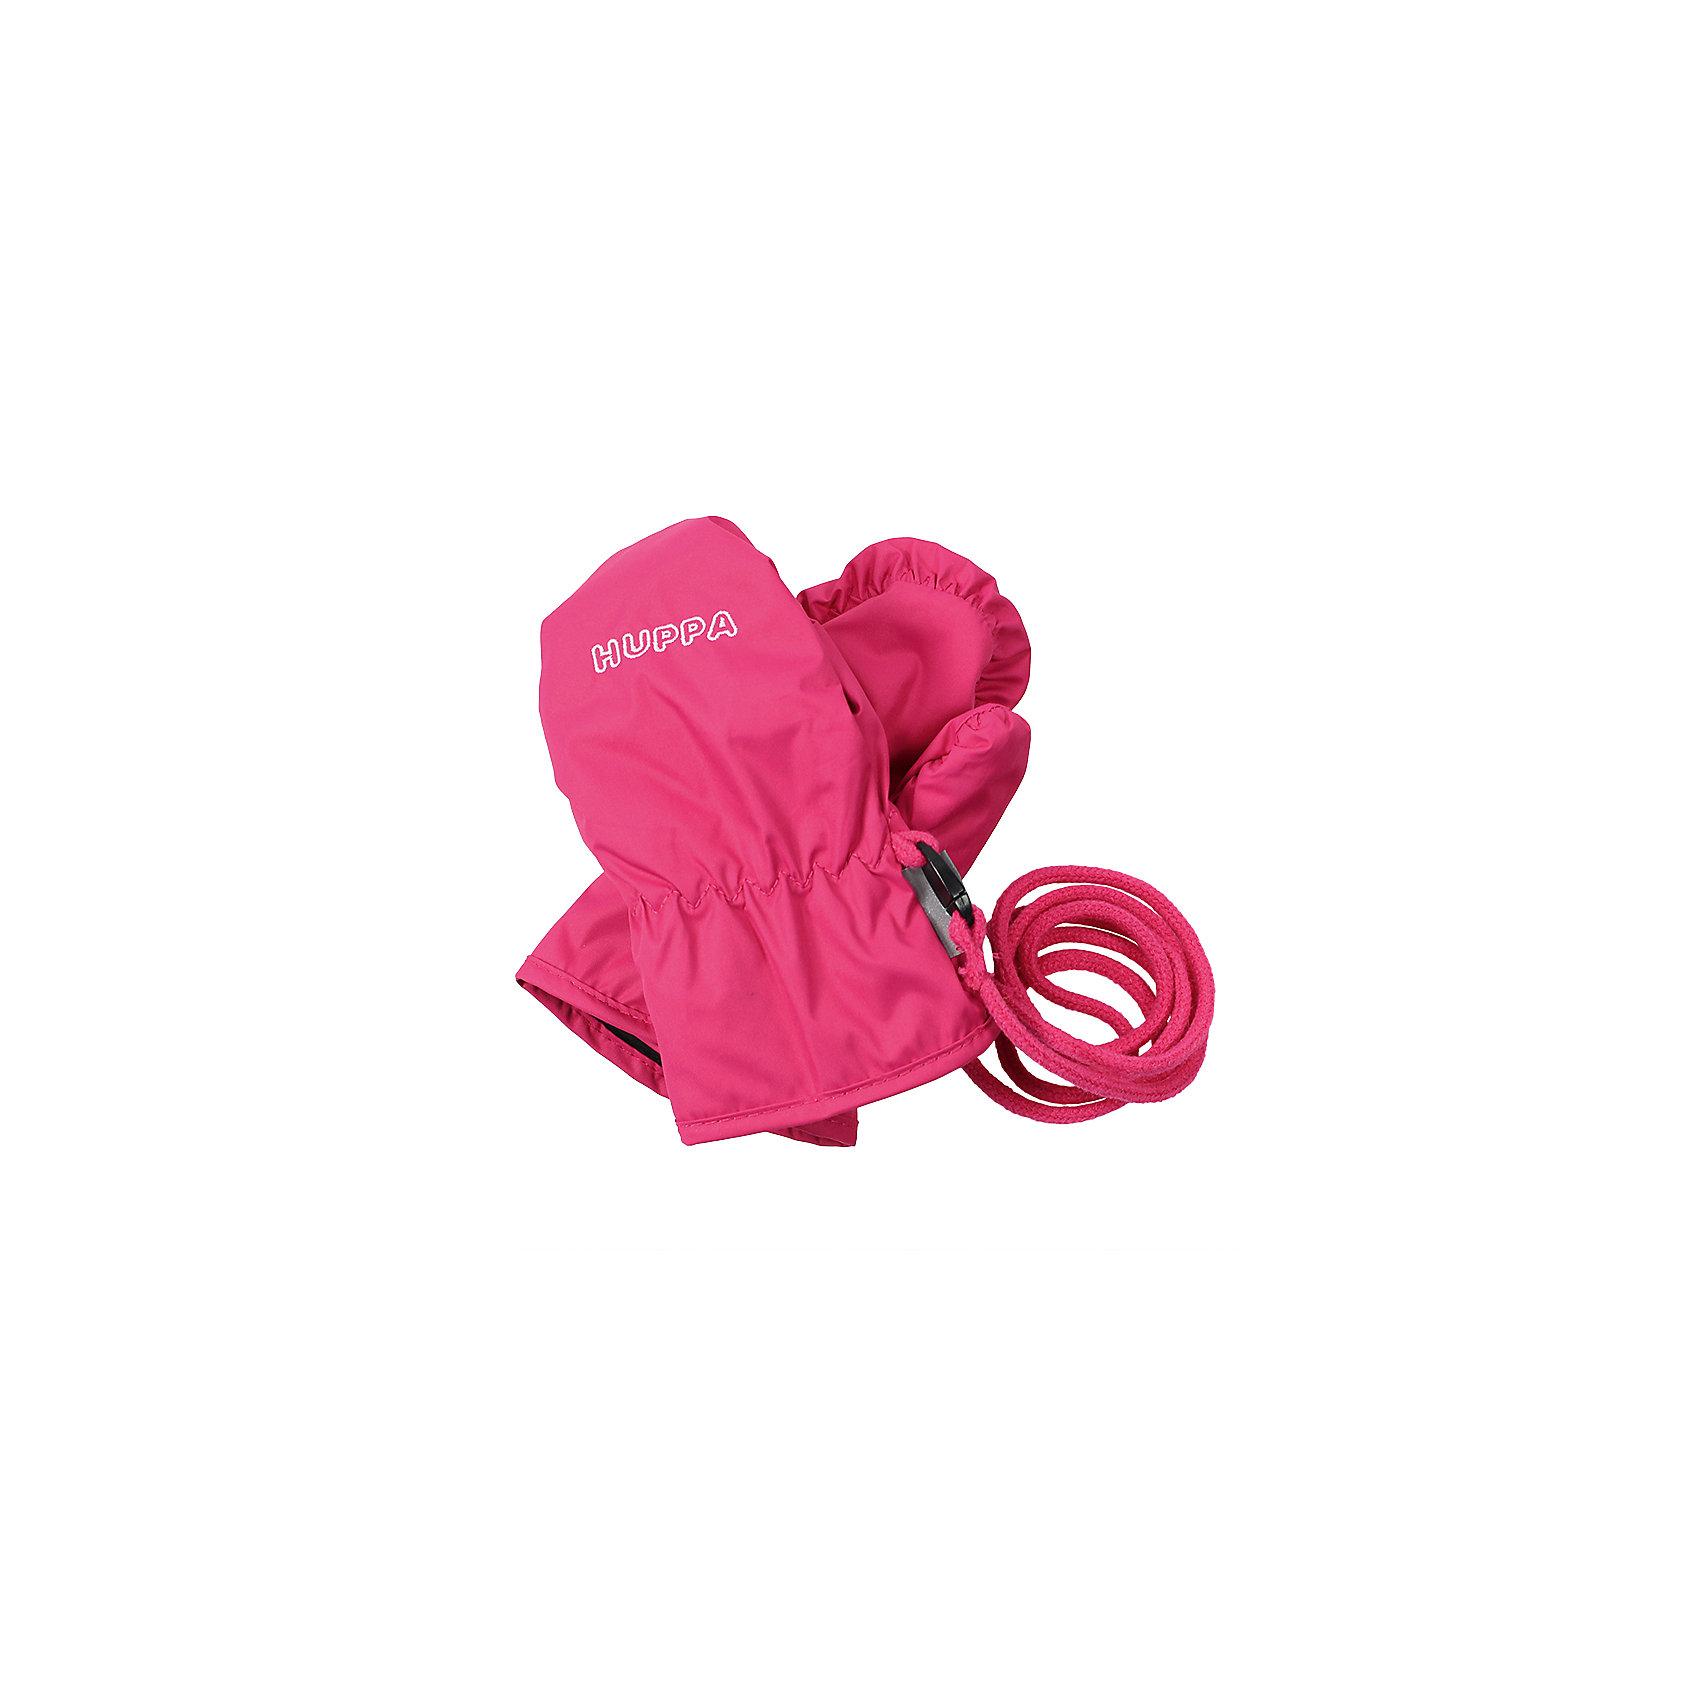 Рукавицы для девочки HuppaHuppaTherm 40 грамм<br>Высокотехнологичный лёгкий синтетический утеплитель нового поколения, сохраняет объём и высокую теплоизоляцию изделия, а также легко стирается и быстро сохнет.<br><br>Влагоустойчивая и дышащая ткань 5000/ 5000<br>Мембрана препятствует прохождению воды и ветра сквозь ткань внутрь изделия, позволяя испаряться выделяемой телом, образовывающейся внутри влаге.<br><br>Светоотражательные детали<br>При плохих погодных условиях или в темноте, когда свет падает на одежду, он отражается, делая ребёнка более заметным, уменьшая возможность несчастных случаев.<br><br>Дополнительная информация:<br><br>Температурный режим - от 0С до +10С<br>Материал - 100% полиэстер<br><br>Рукавицы для девочки Huppa можно купить в нашем магазине.<br><br>Ширина мм: 162<br>Глубина мм: 171<br>Высота мм: 55<br>Вес г: 119<br>Цвет: розовый<br>Возраст от месяцев: 3<br>Возраст до месяцев: 12<br>Пол: Женский<br>Возраст: Детский<br>Размер: 1,2<br>SKU: 4595709